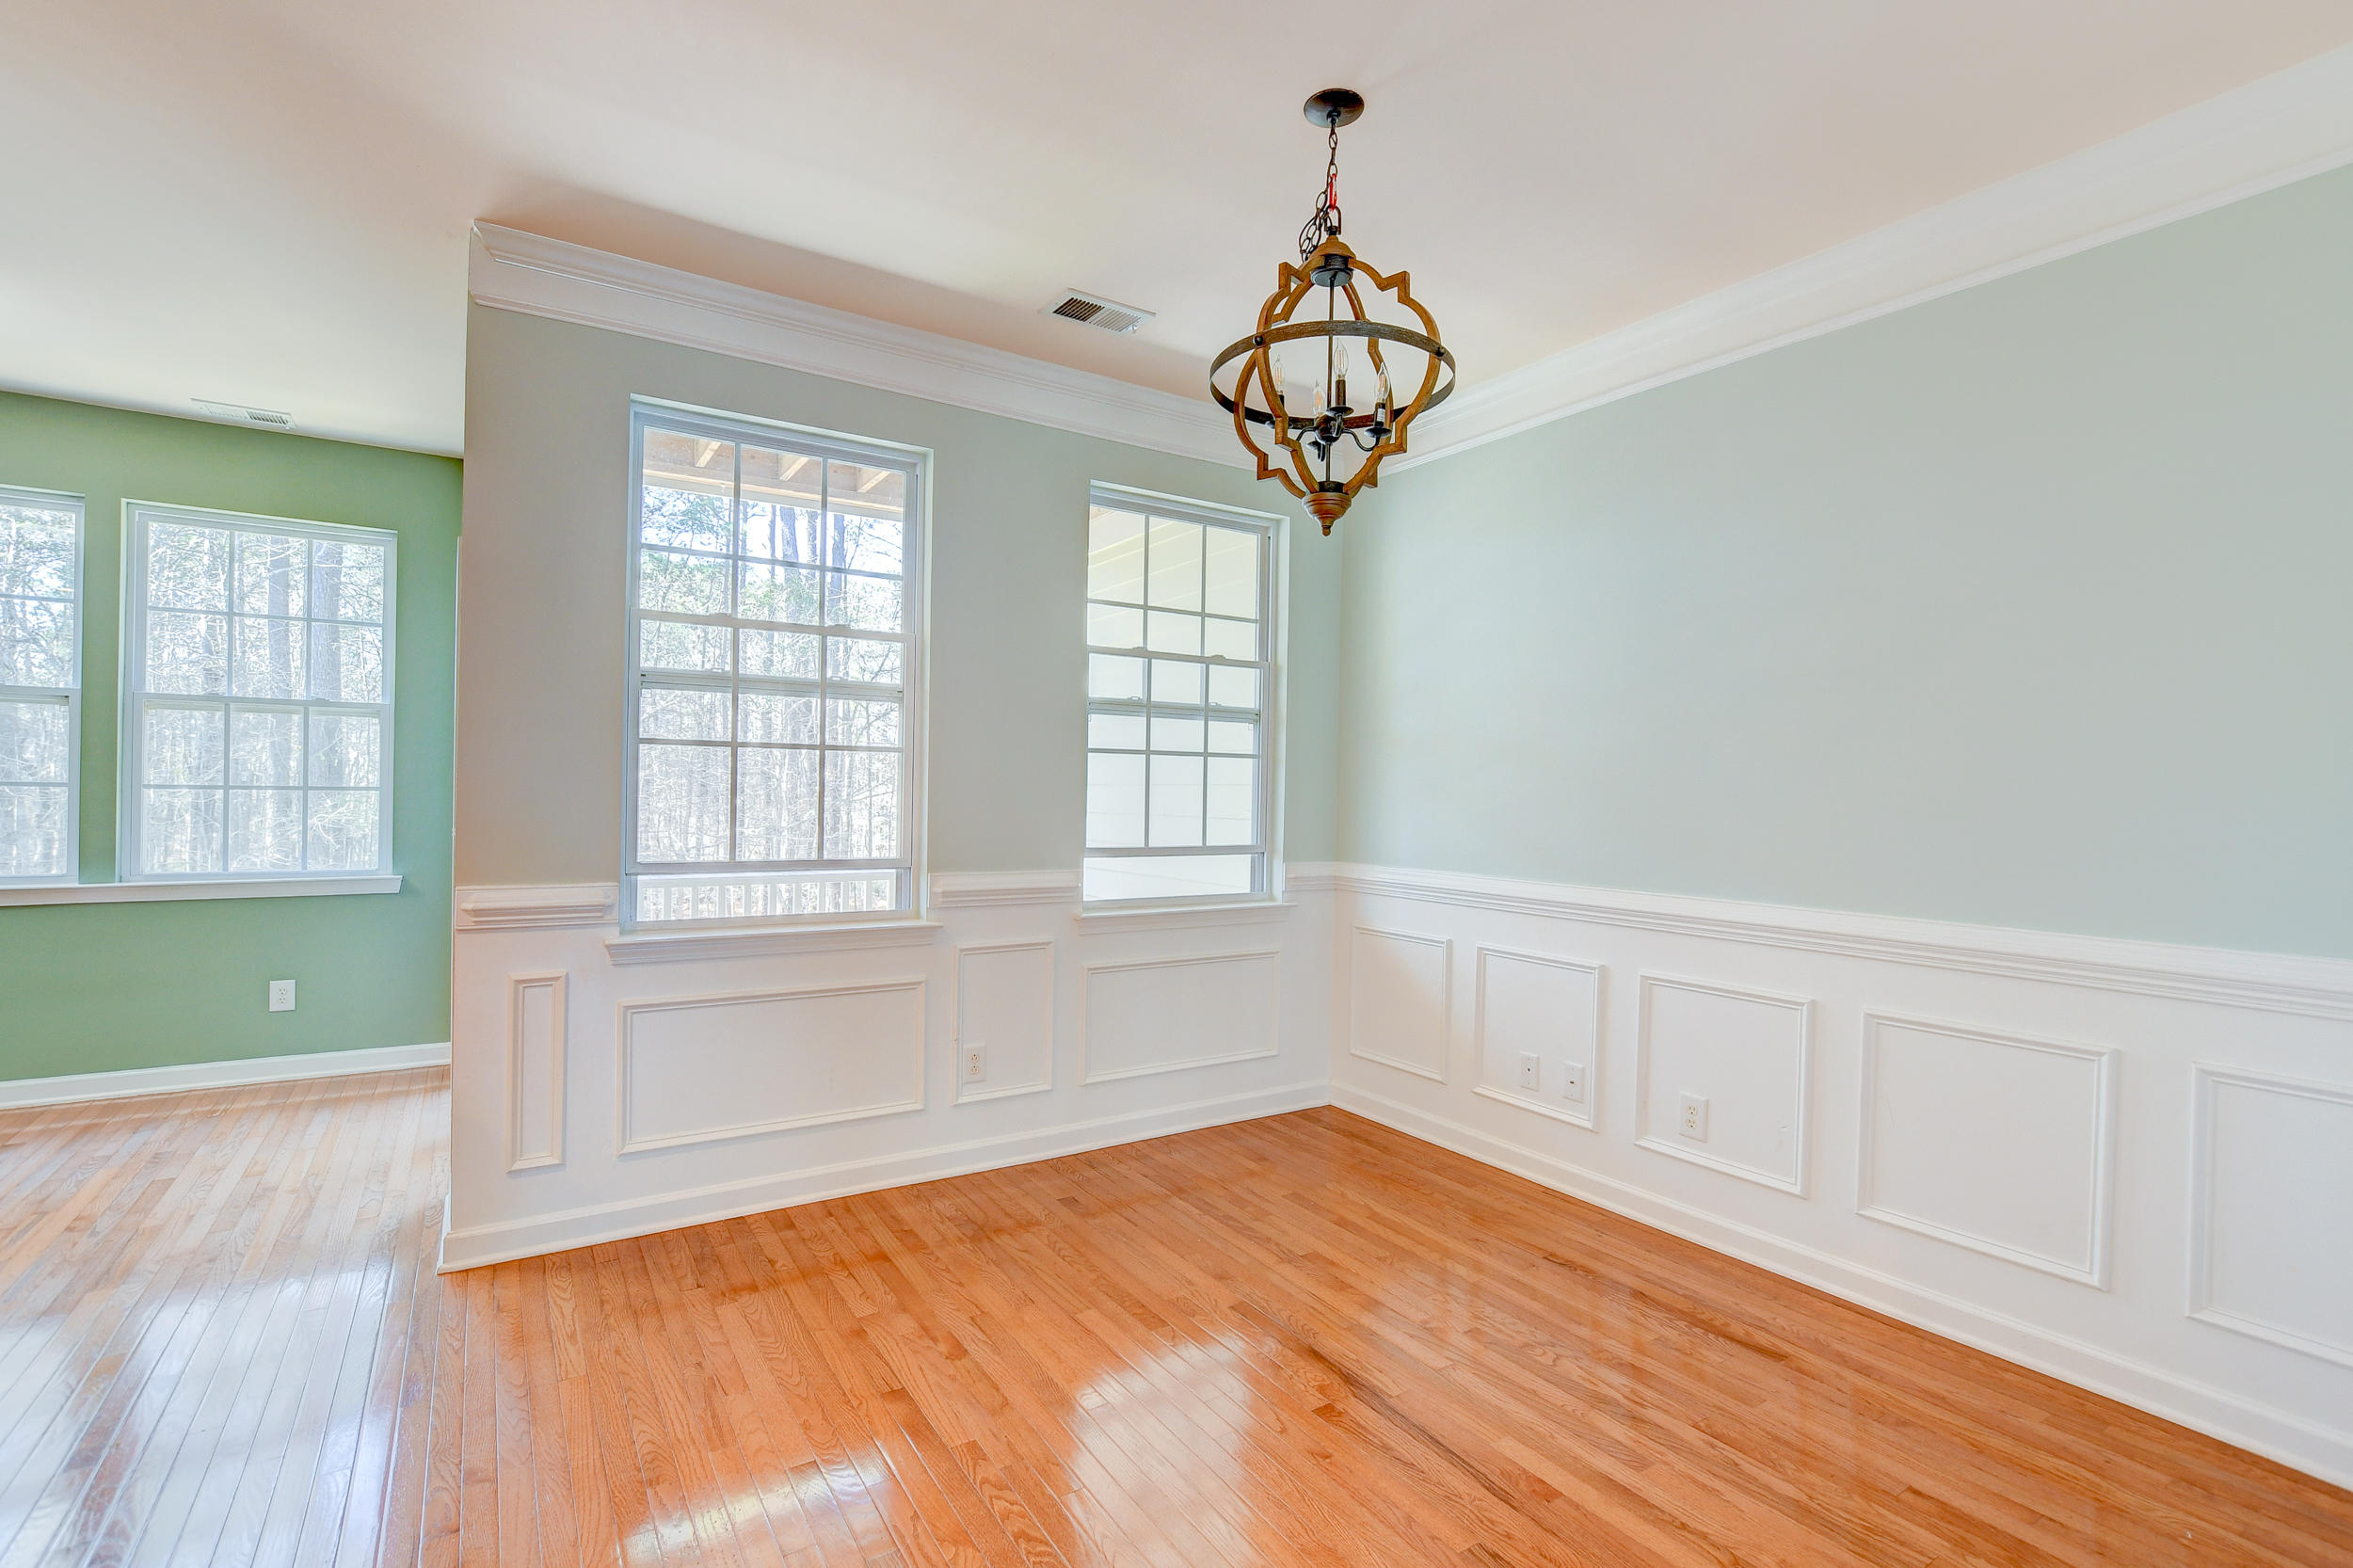 Park West Homes For Sale - 3545 Claremont, Mount Pleasant, SC - 30